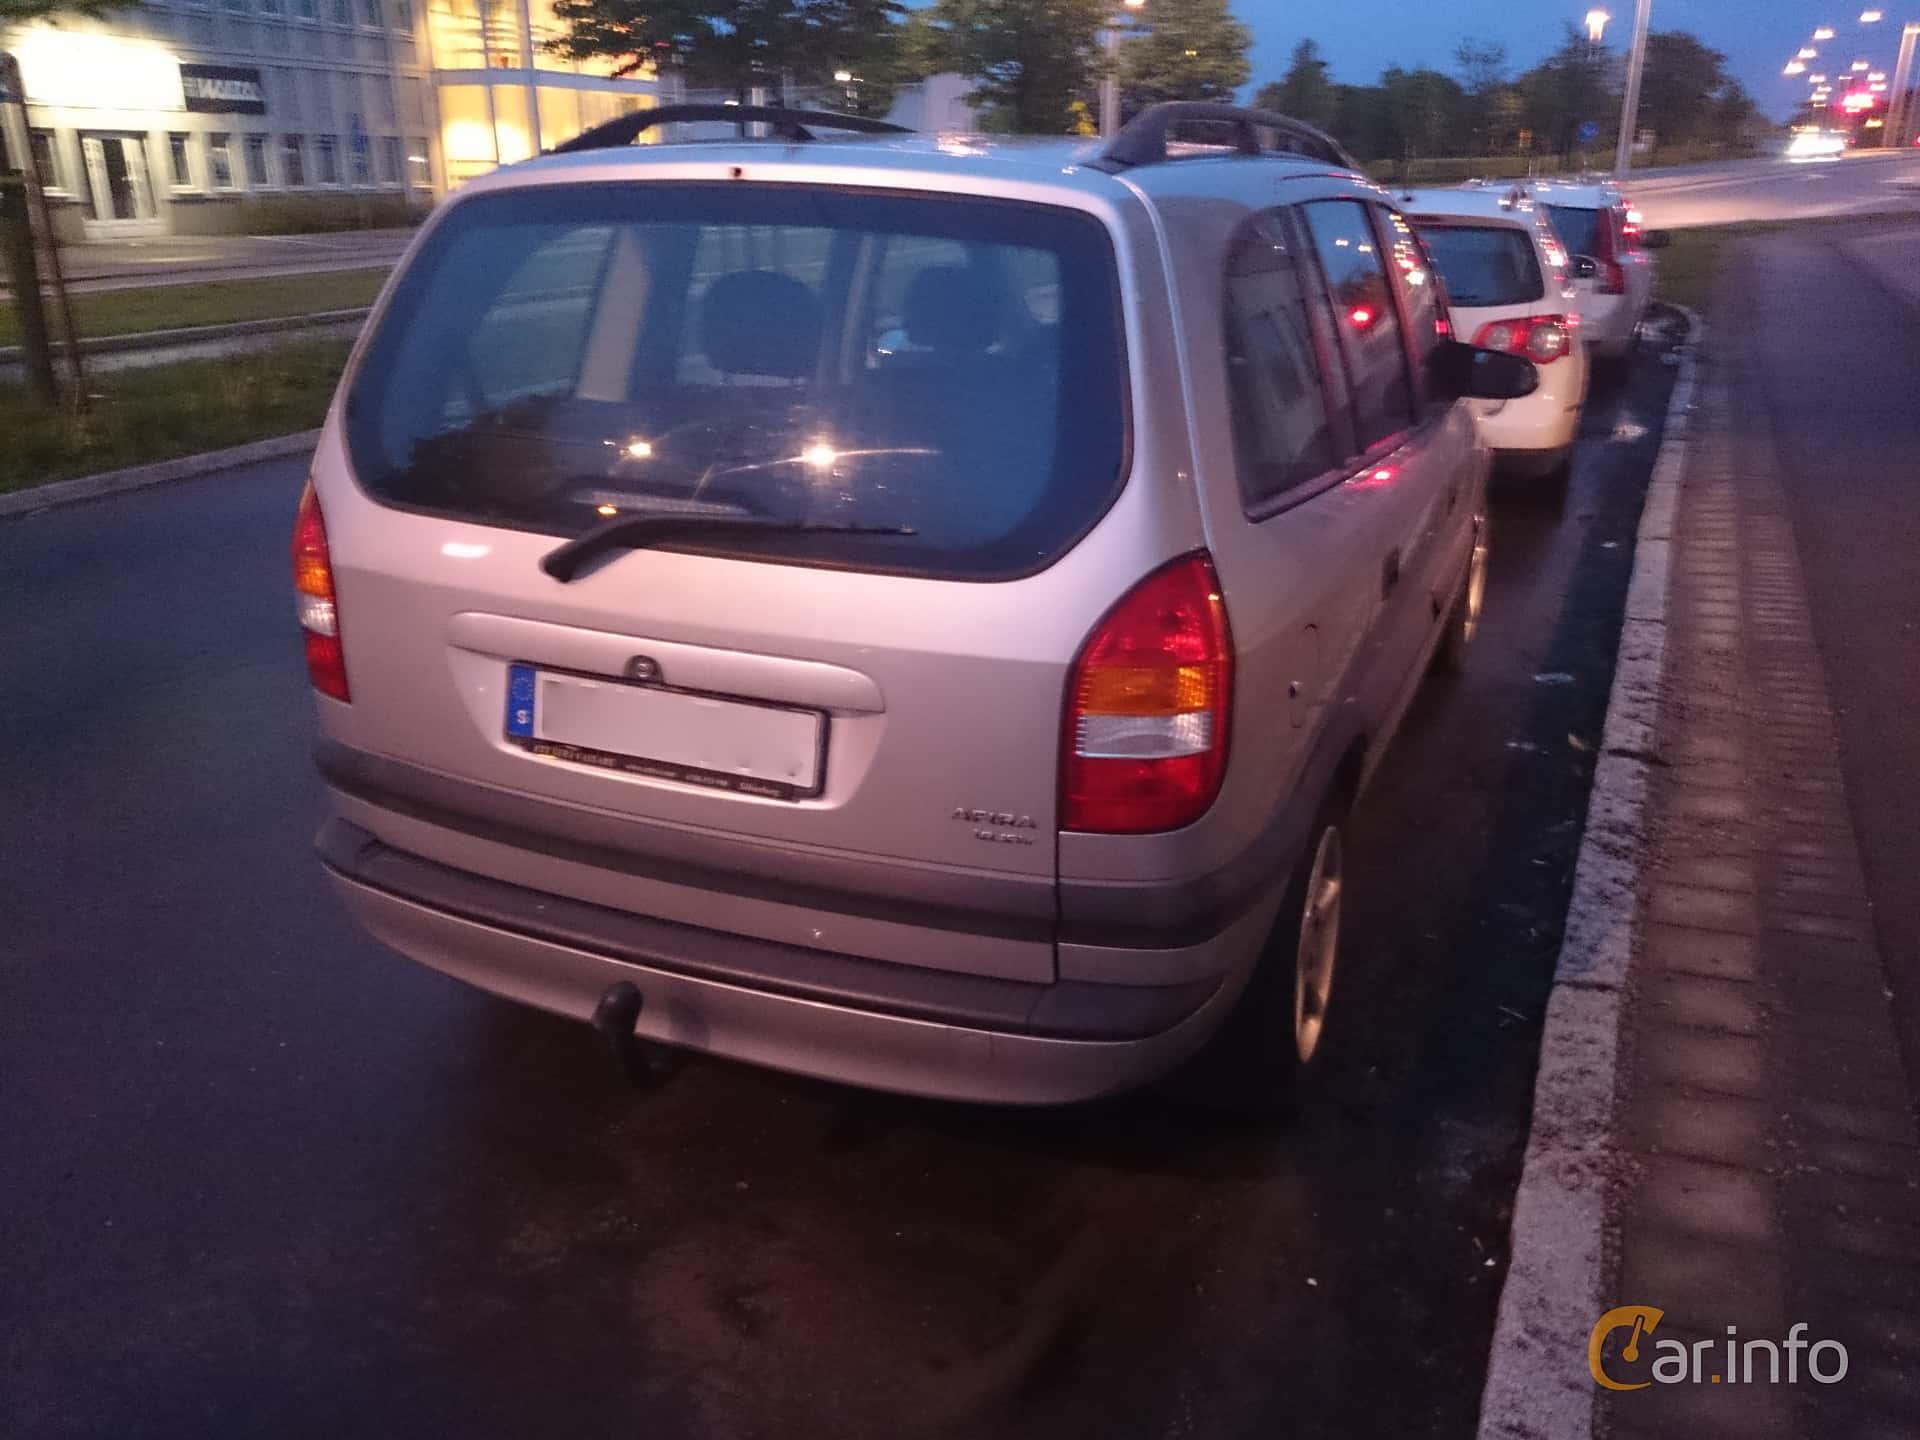 Opel Zafira 1.8 Manual, 115hp, 2000